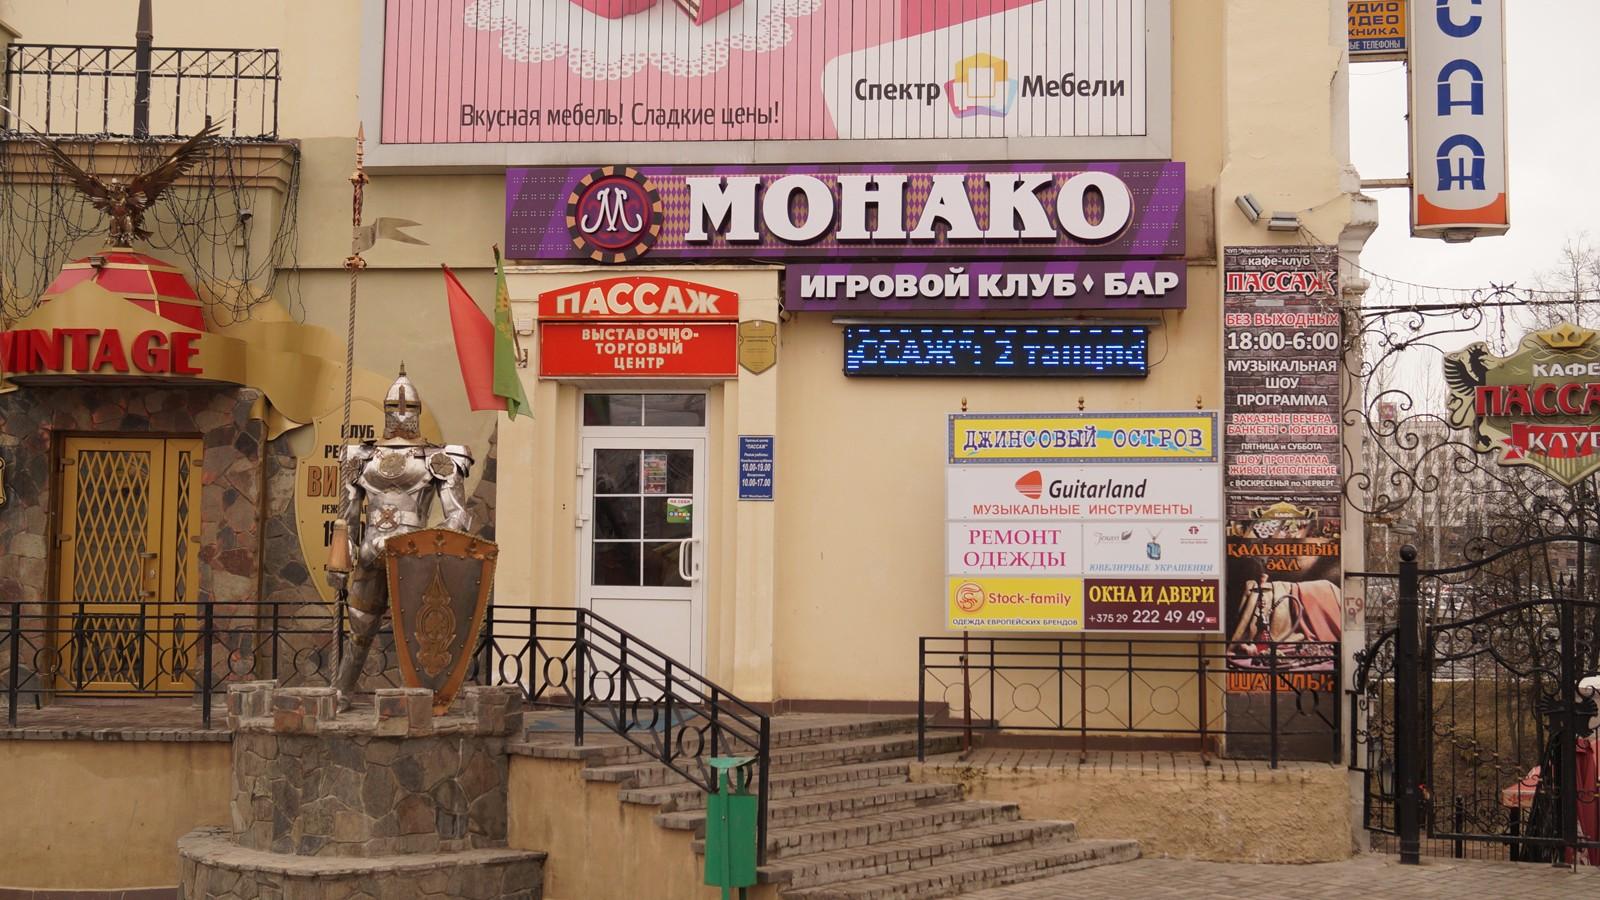 Игровые автоматы купить цена в Москве, Выберите игровой